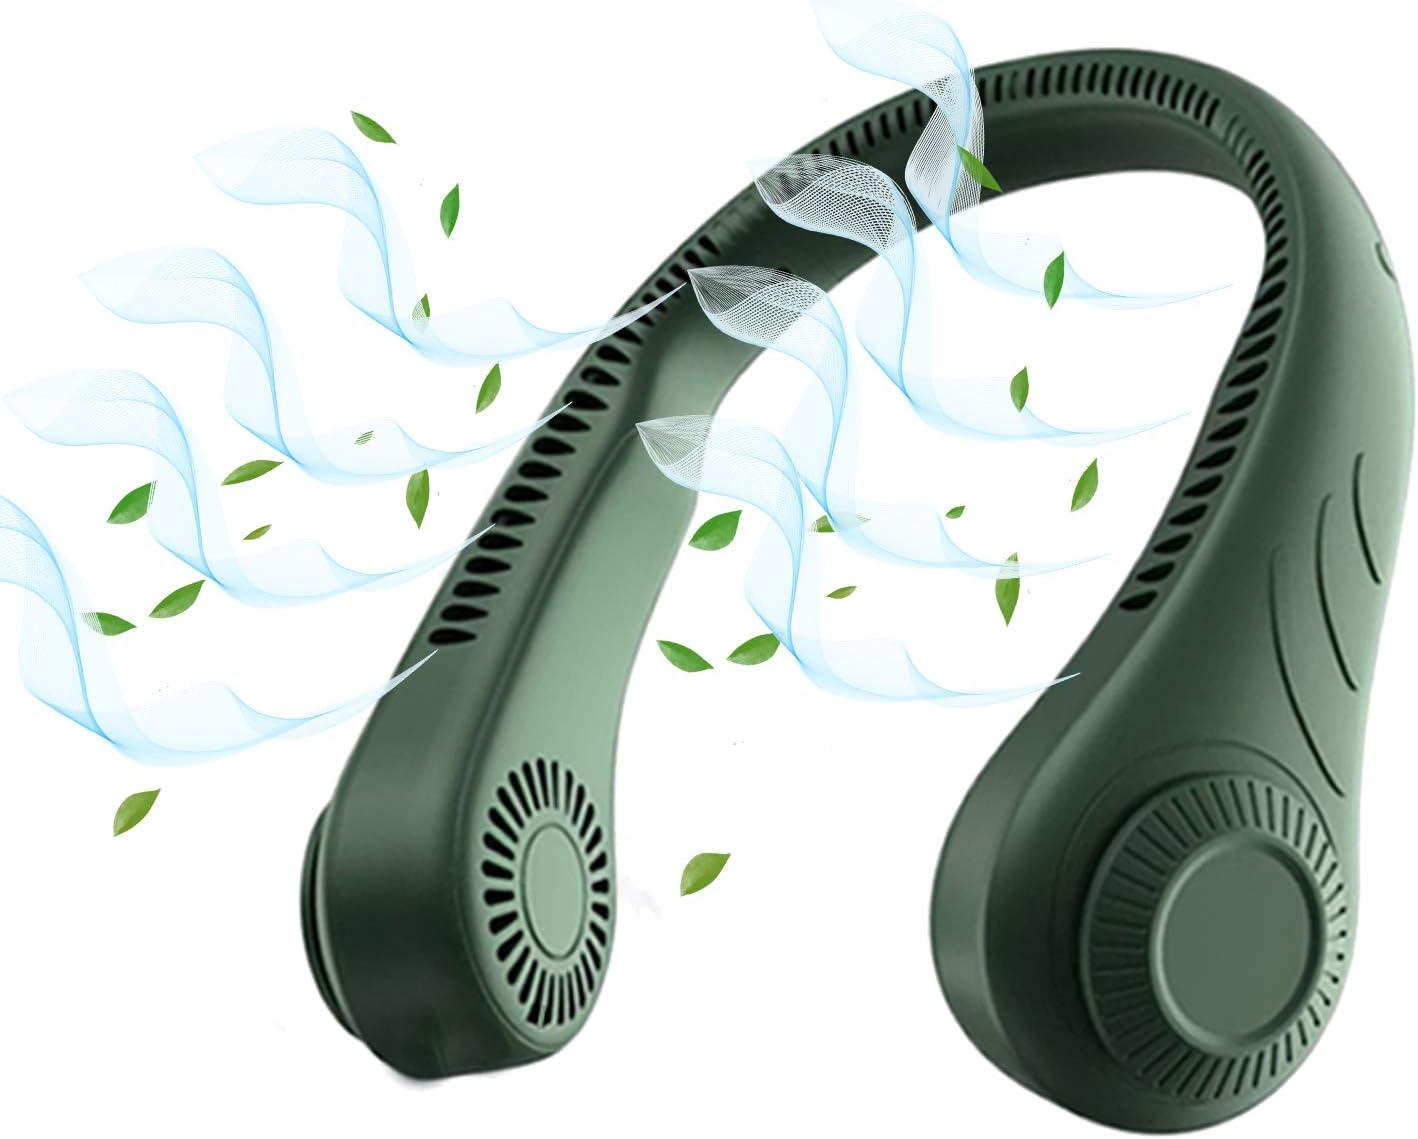 Portable Neck Fan Bladeless Hands Free Fan,Personal USB Fans Wearable Neck Hang Fan 3 Wind Speeds Sports Rechargeable Neck Fan for Office,Outdoor-Green